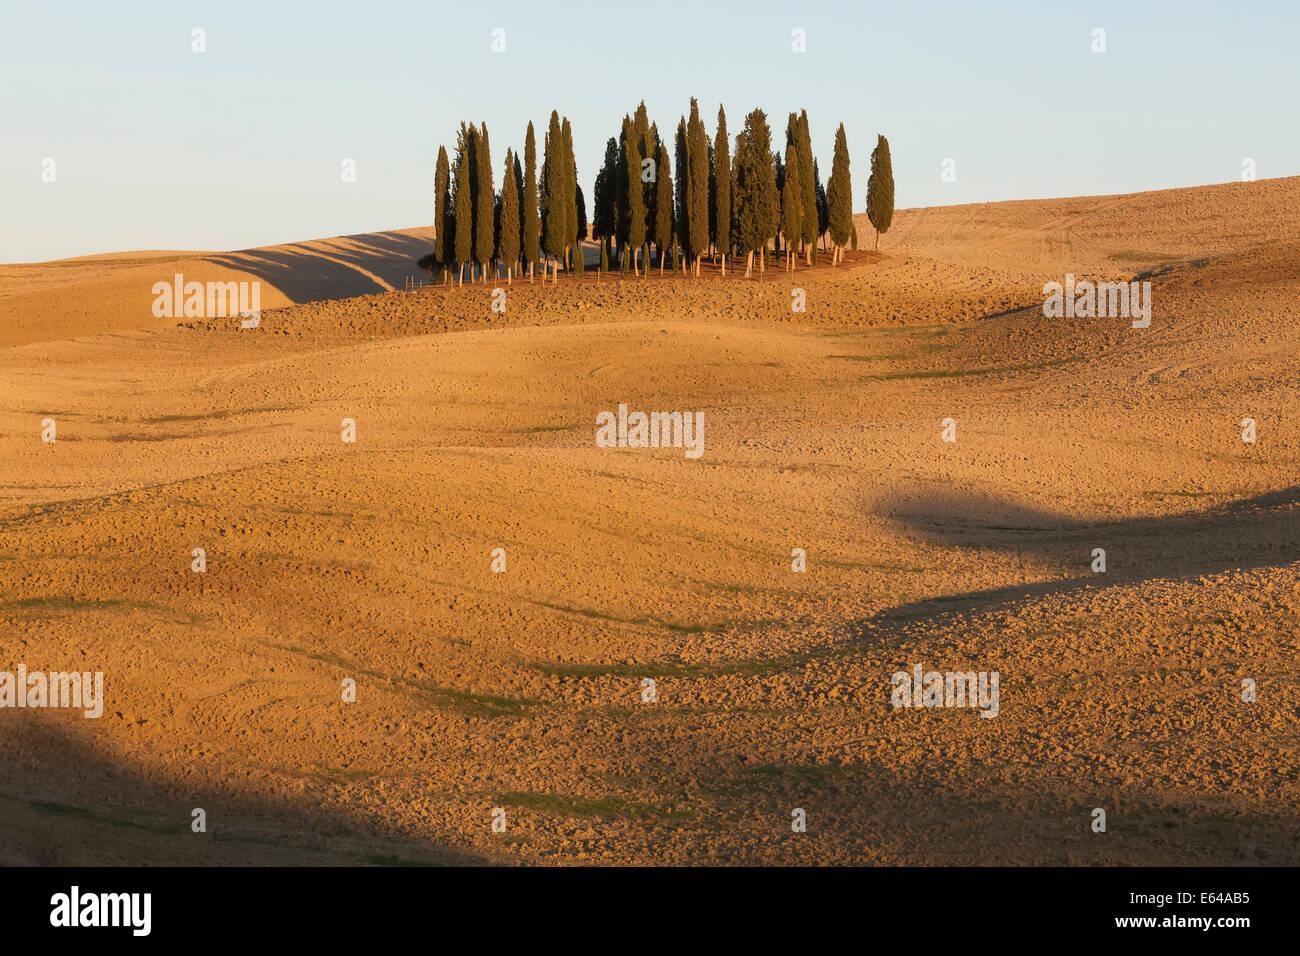 Cipreses toscanos cerca de San Quirico d'Orcia, en el Val d'Orcia, Toscana, Italia. Imagen De Stock